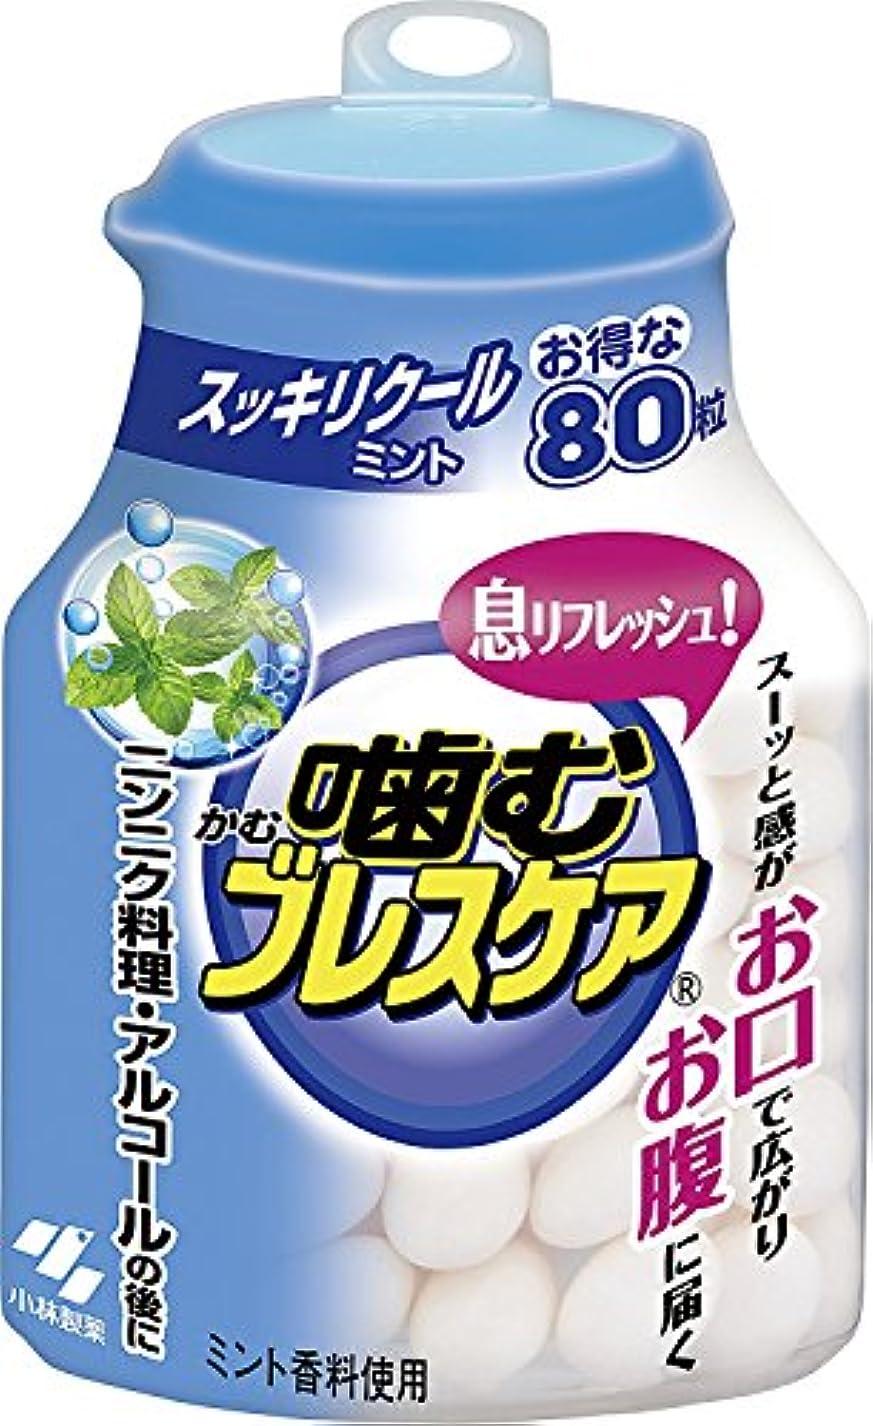 ヘルパーガイド息子噛むブレスケア 息リフレッシュグミ スッキリクールミント ボトルタイプ お得な80粒